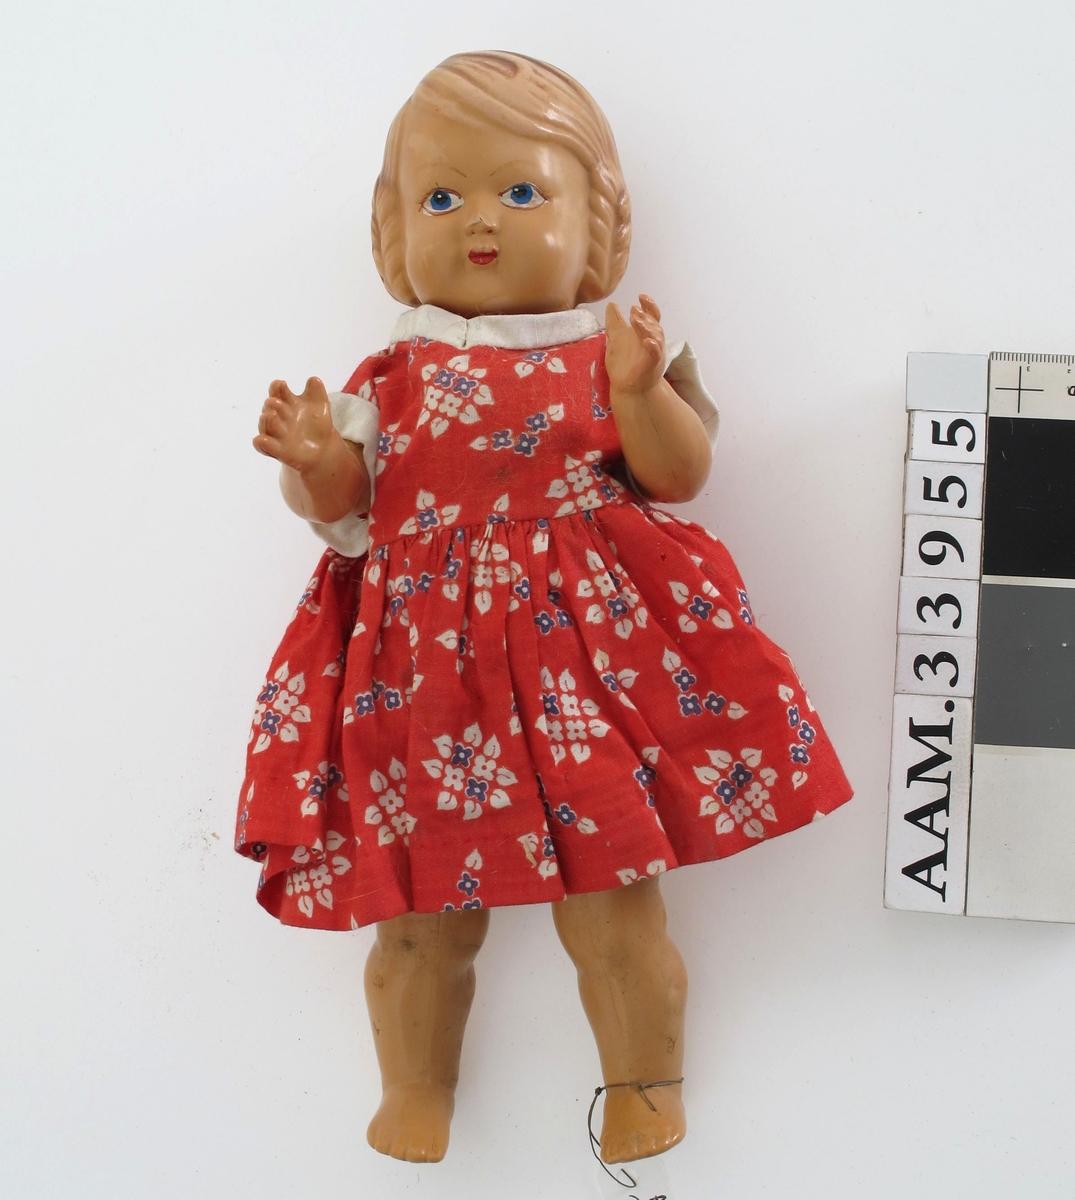 Dukke av støpte plastdeler. Hode og kropp i ett, mens armer og ben er støpt for seg og montert med strikk.   Hjemmesydde klær (?): Rød blomstret kjole. Underkjole. Underbukse i blå blomstet stoff.